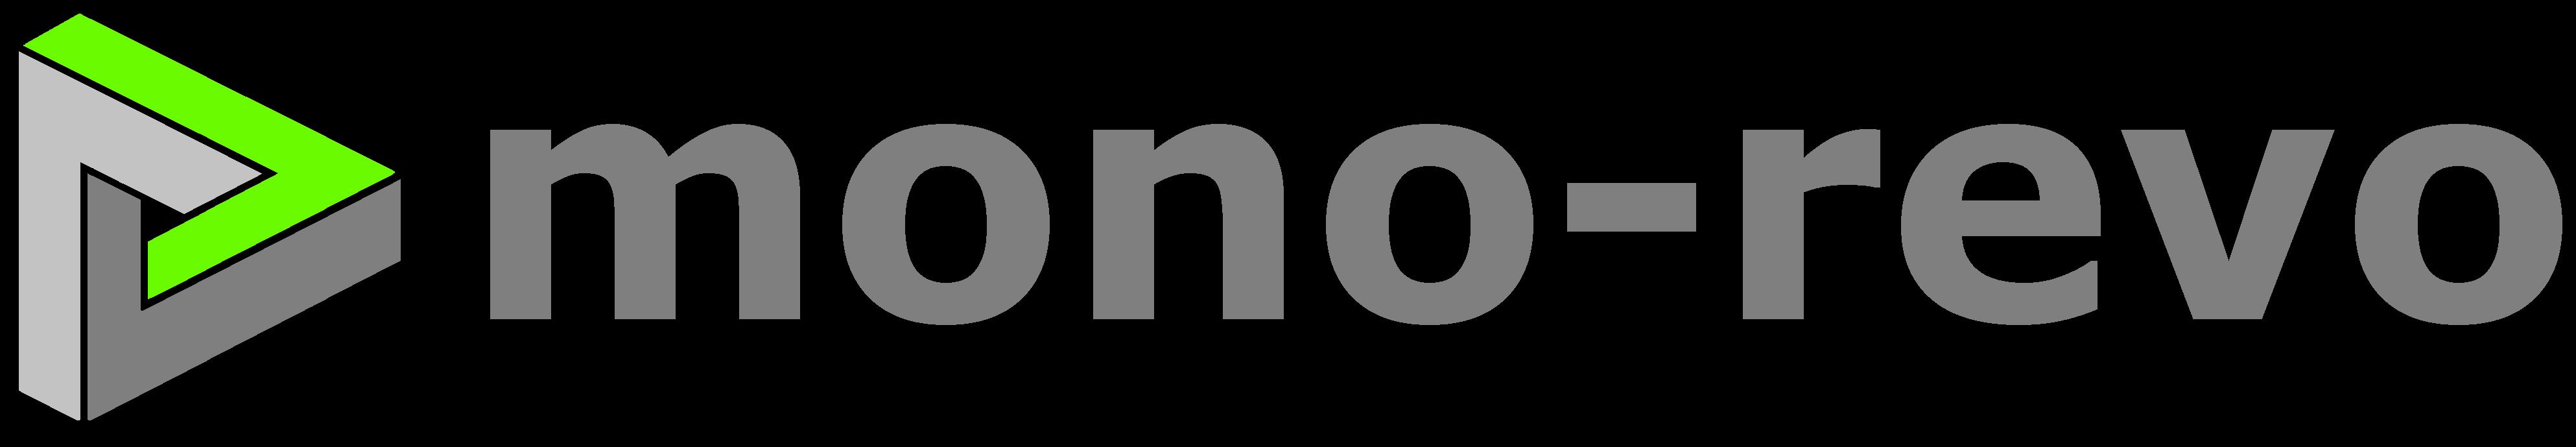 ものレボ株式会社 mono-revo, inc.